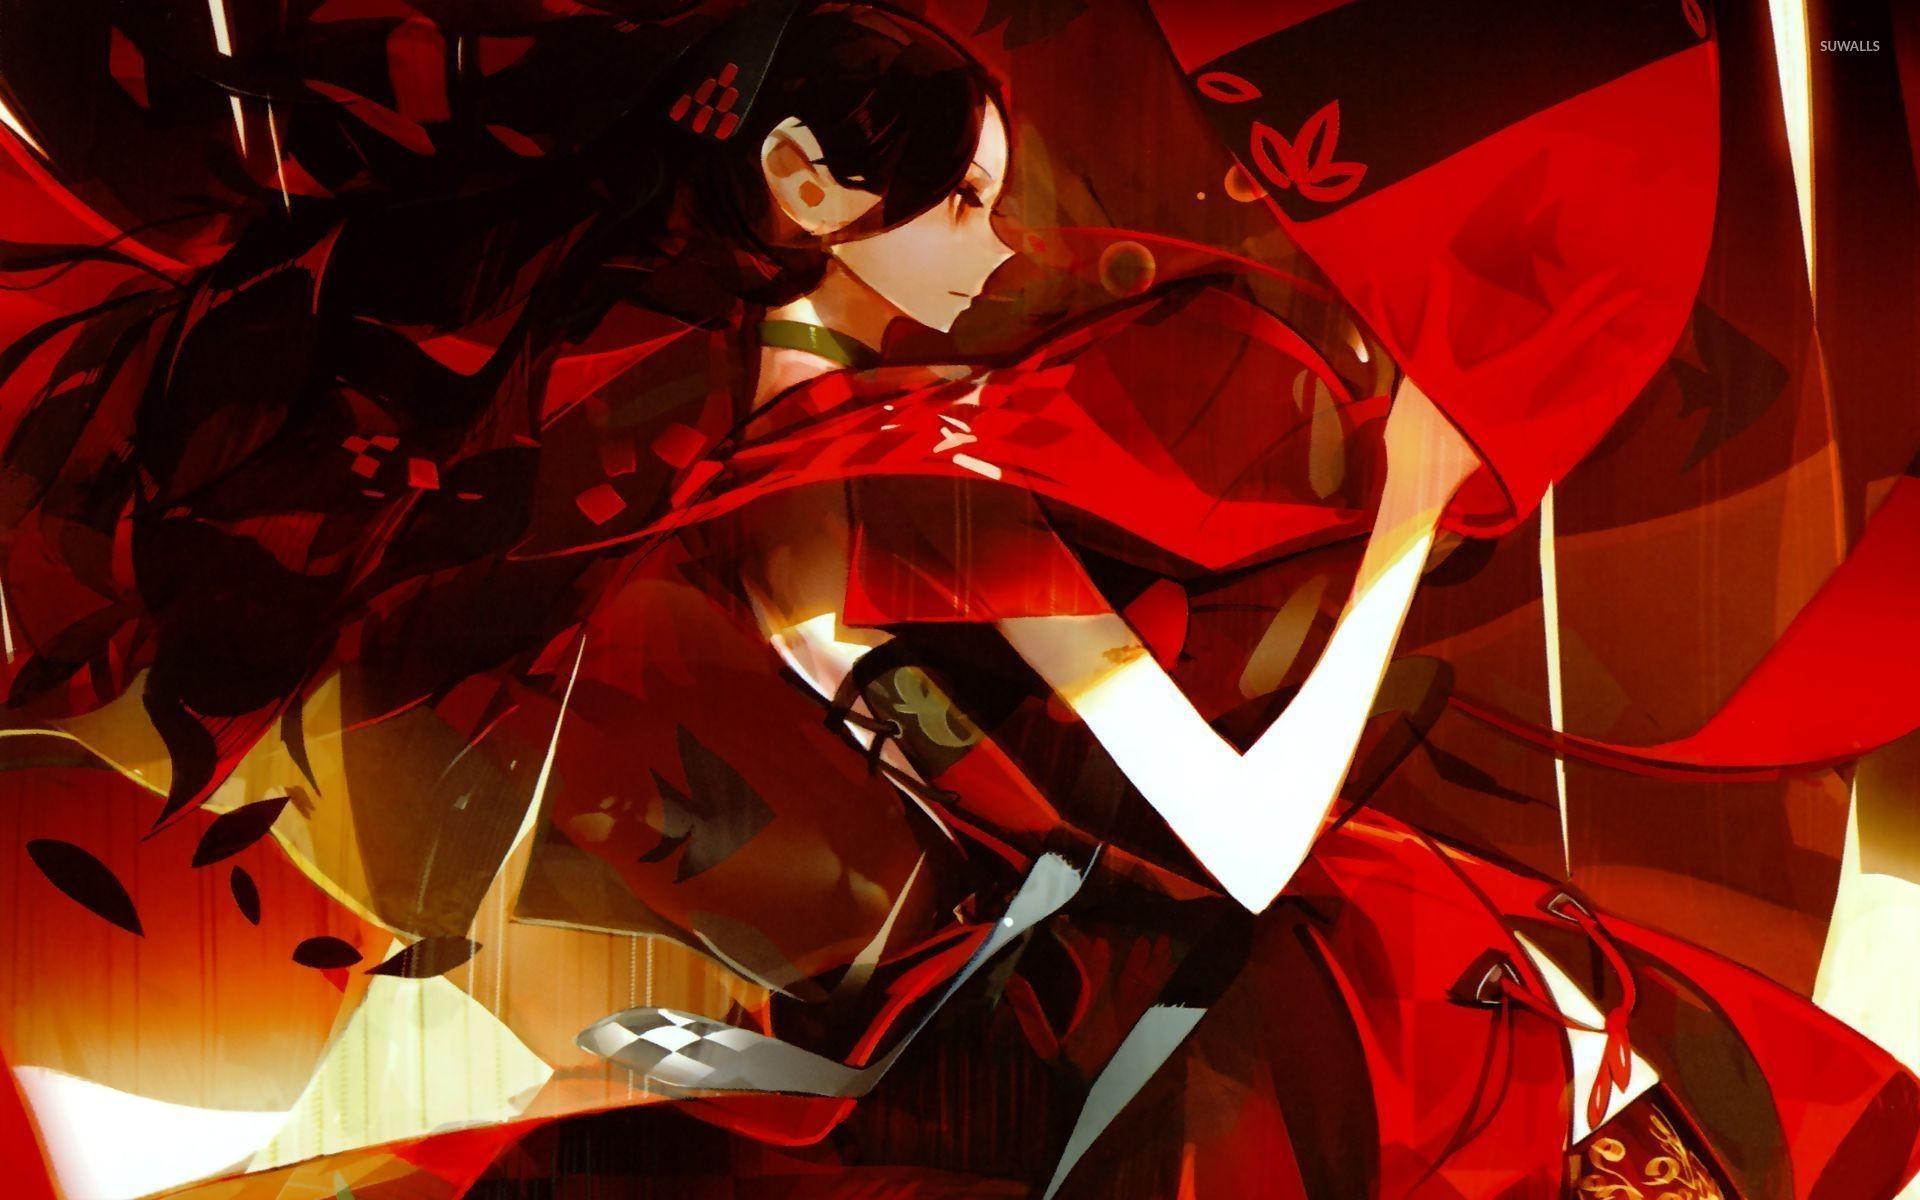 Res: 1920x1200, Dark geisha wallpaper